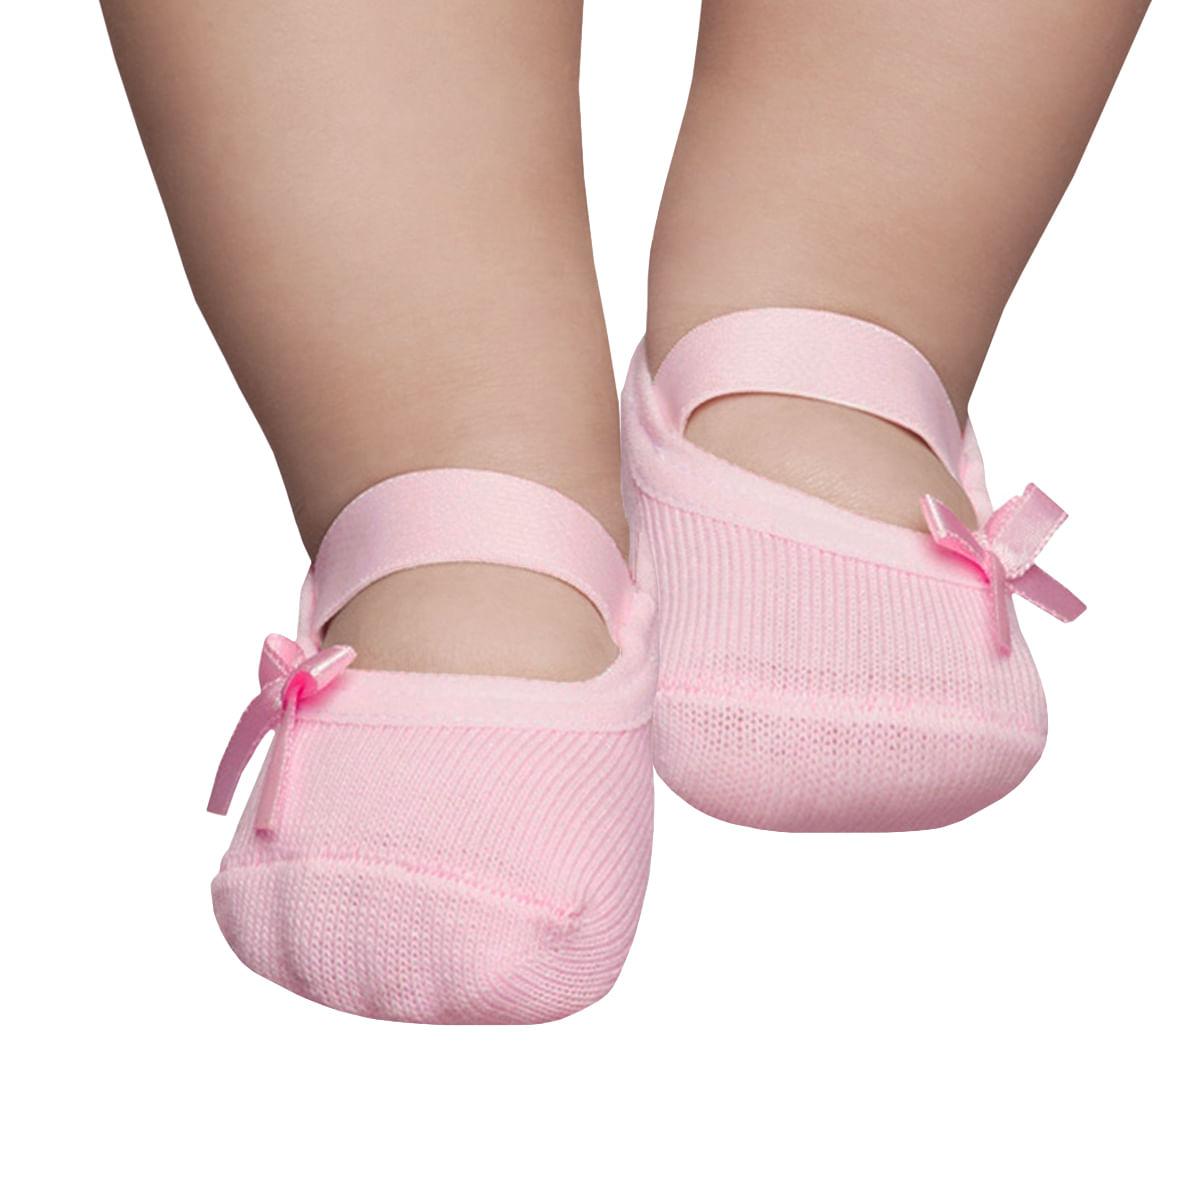 cff4f4de52 Meia Sapatilha para bebe Rosa - Puket no Bebefacil